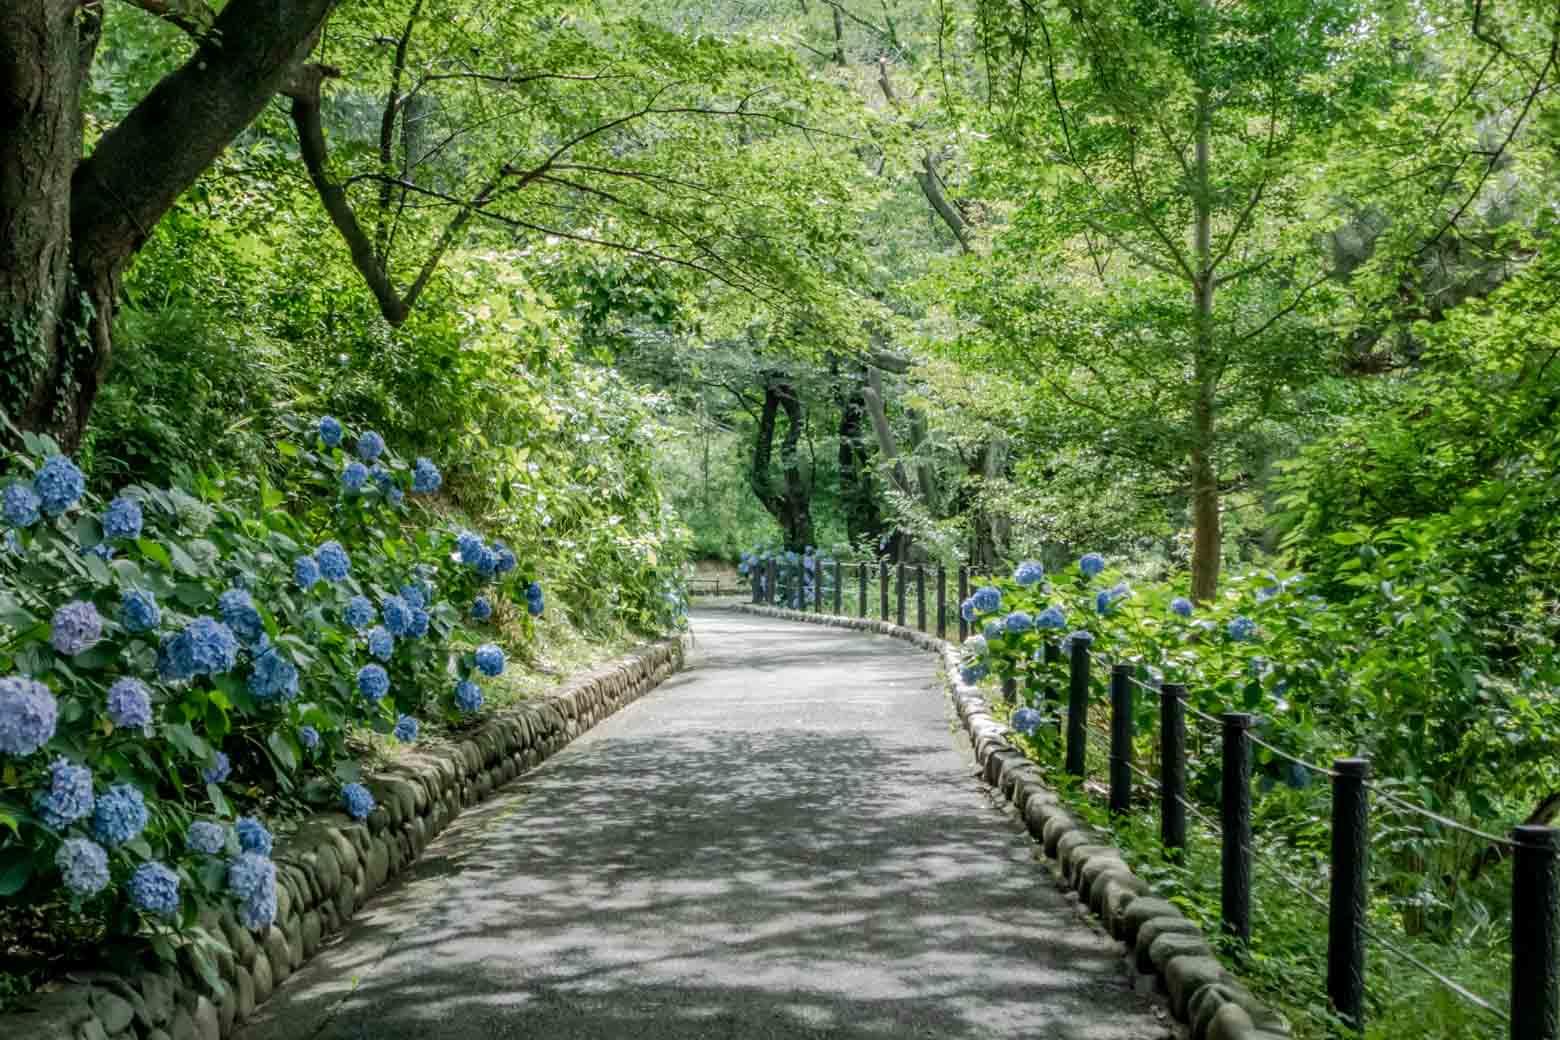 すぐ隣に篠原園地という、これまたナイスなスポットがあります。近くに住んでいたら毎日散歩したい。